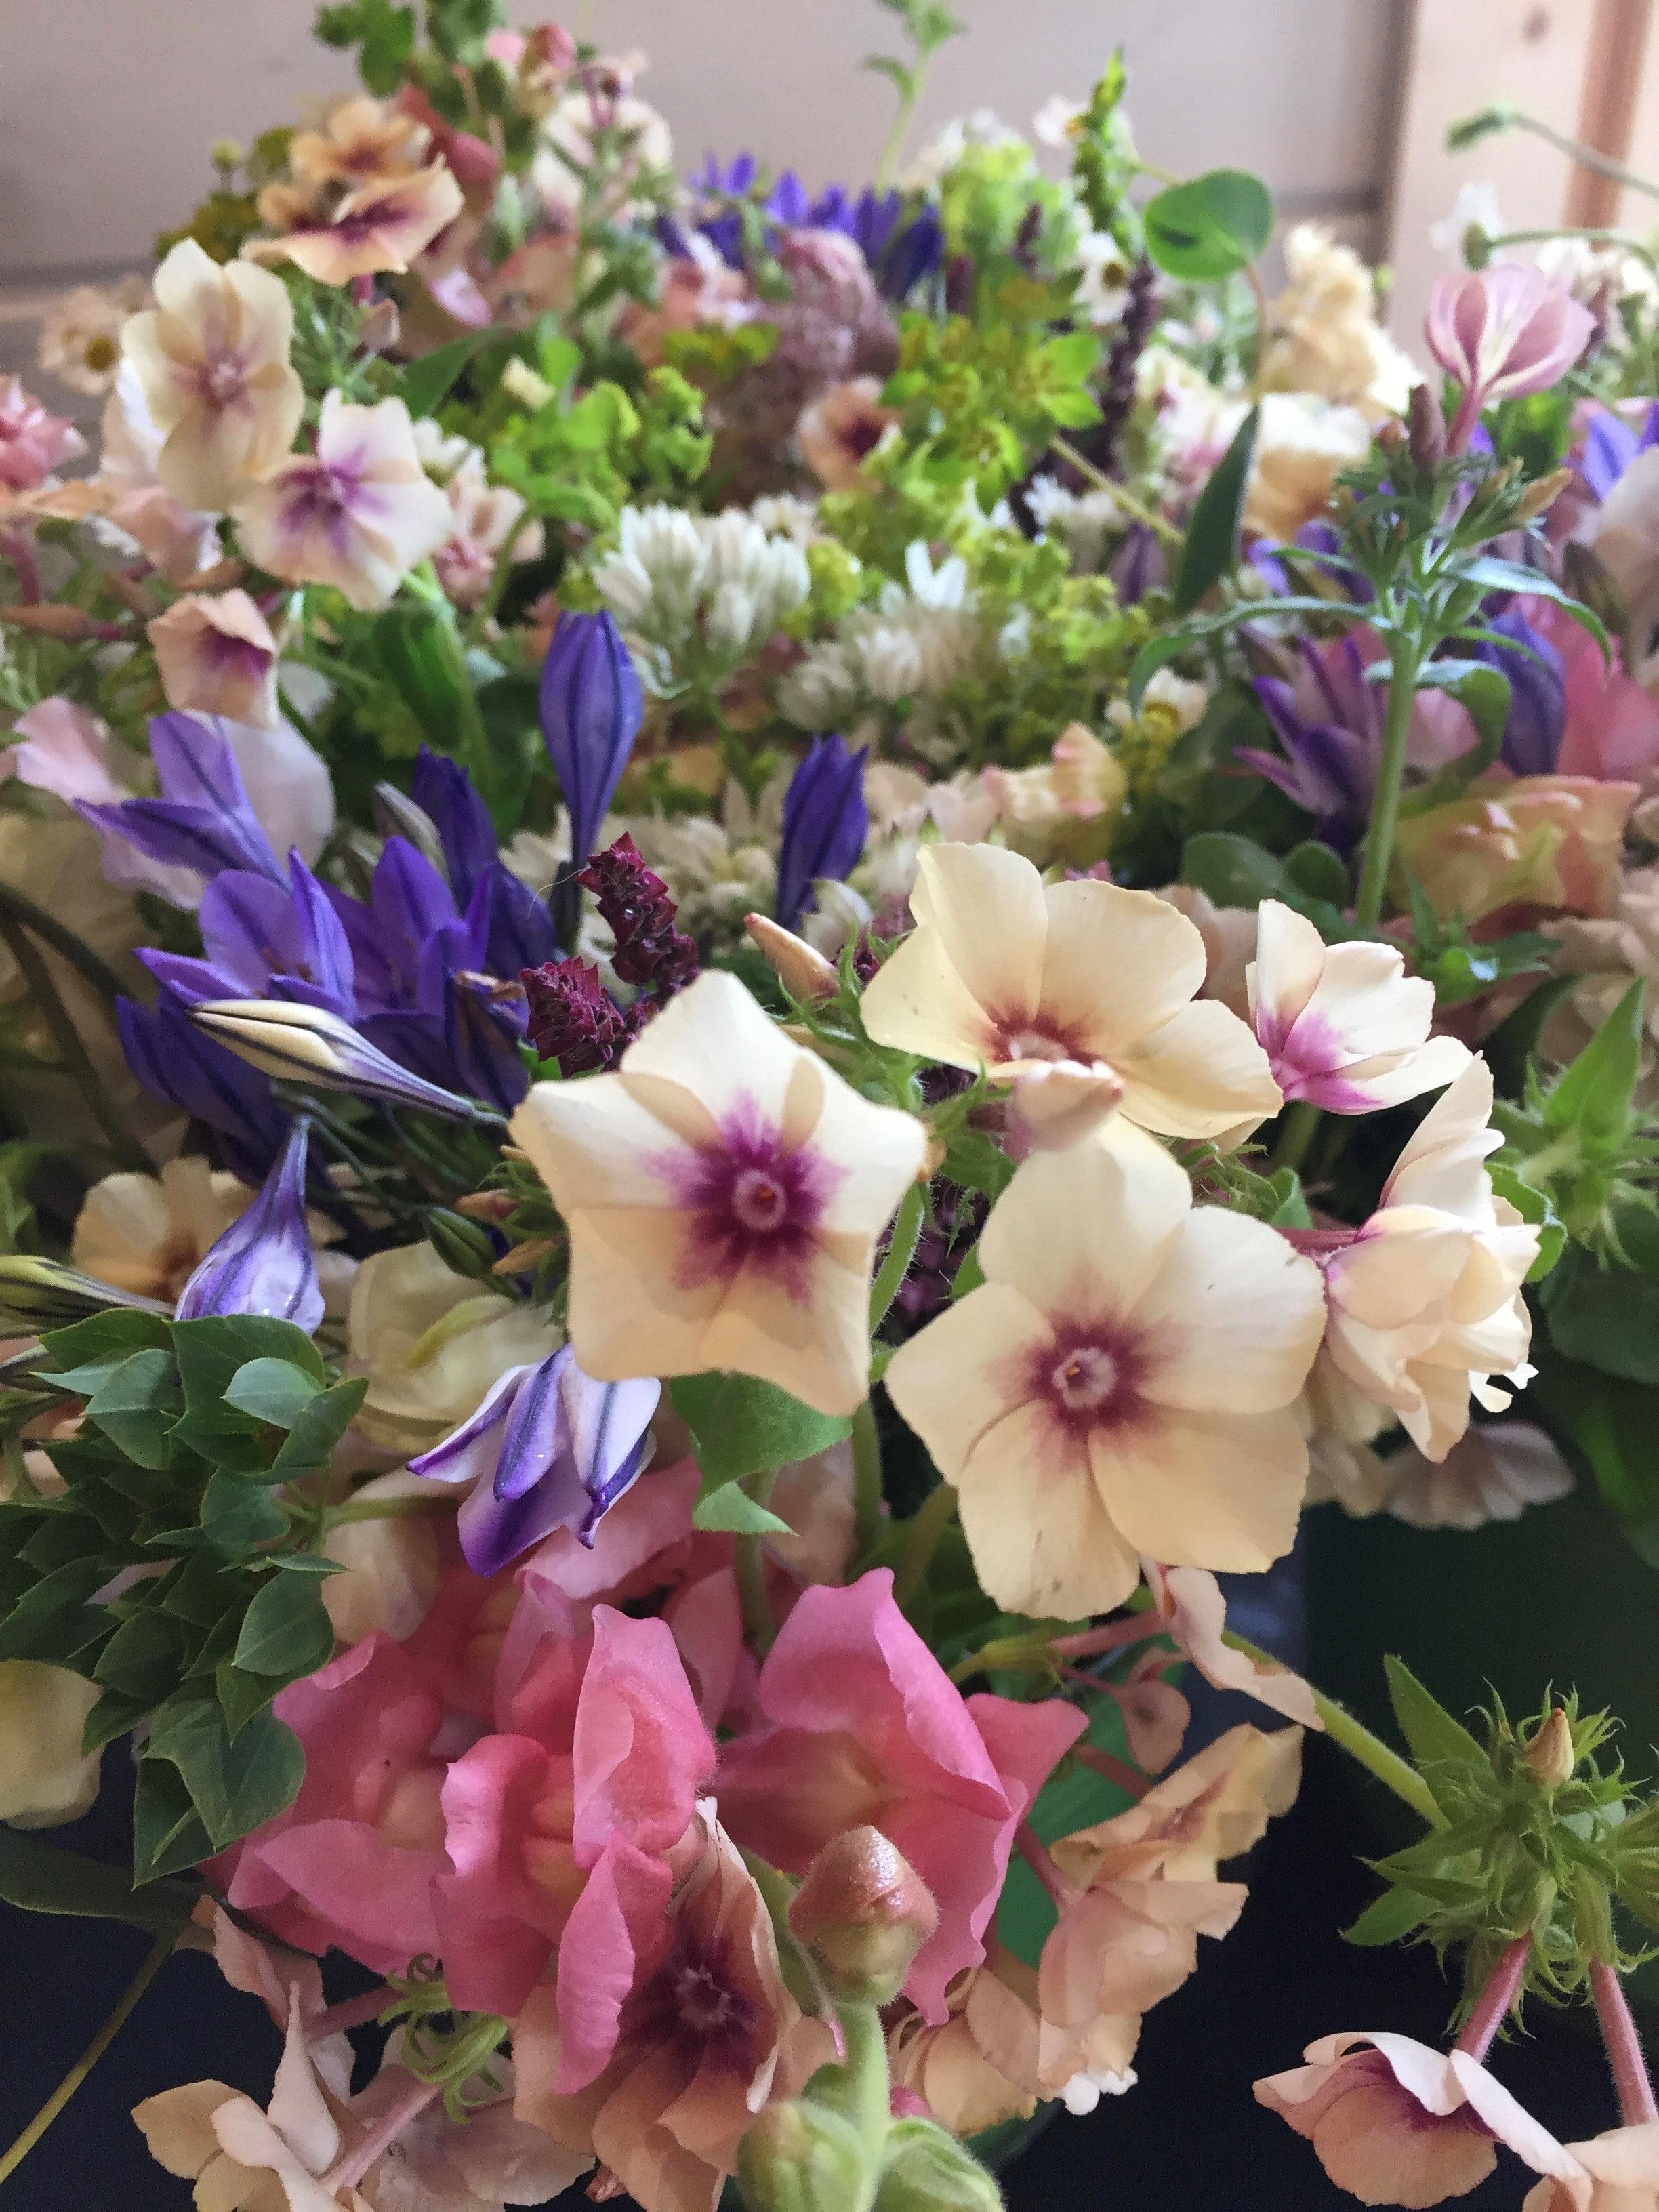 The Flower Farmers' Big Weekend